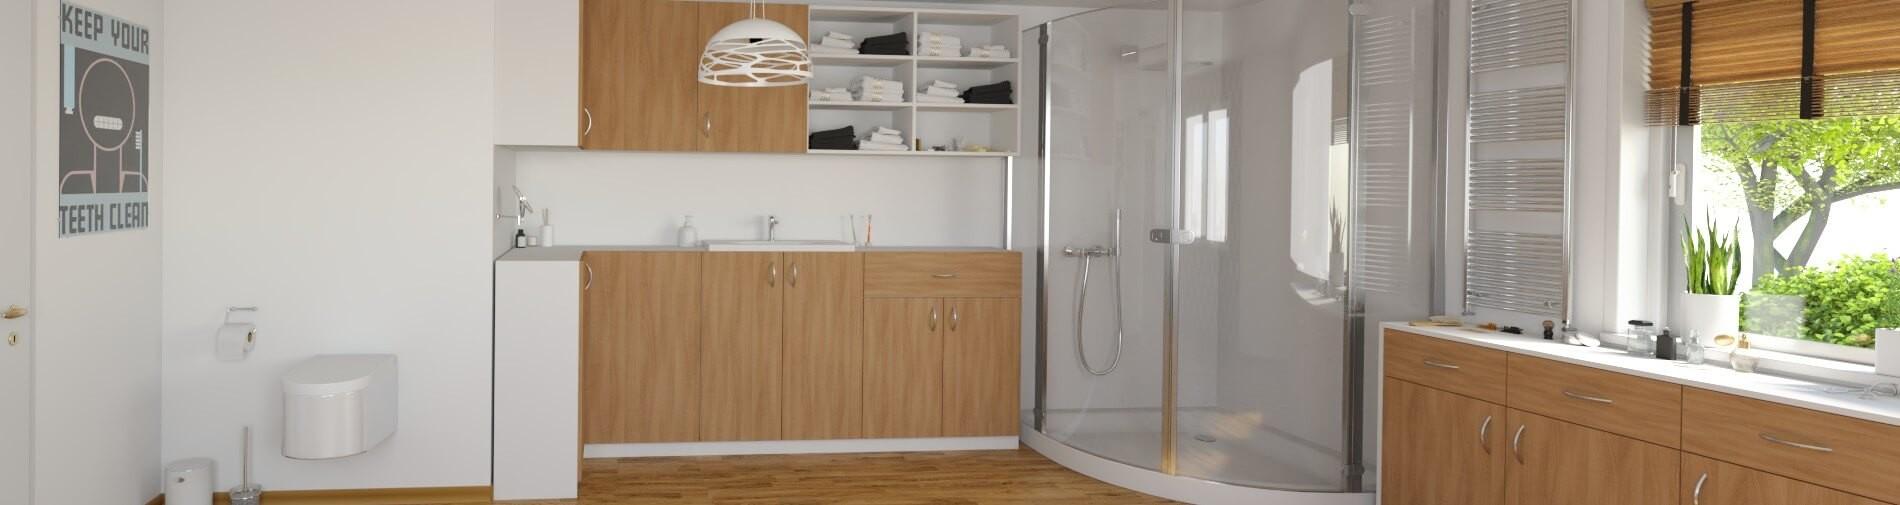 Waschtischunterschrank nach Maß online planen | schrankplaner.de